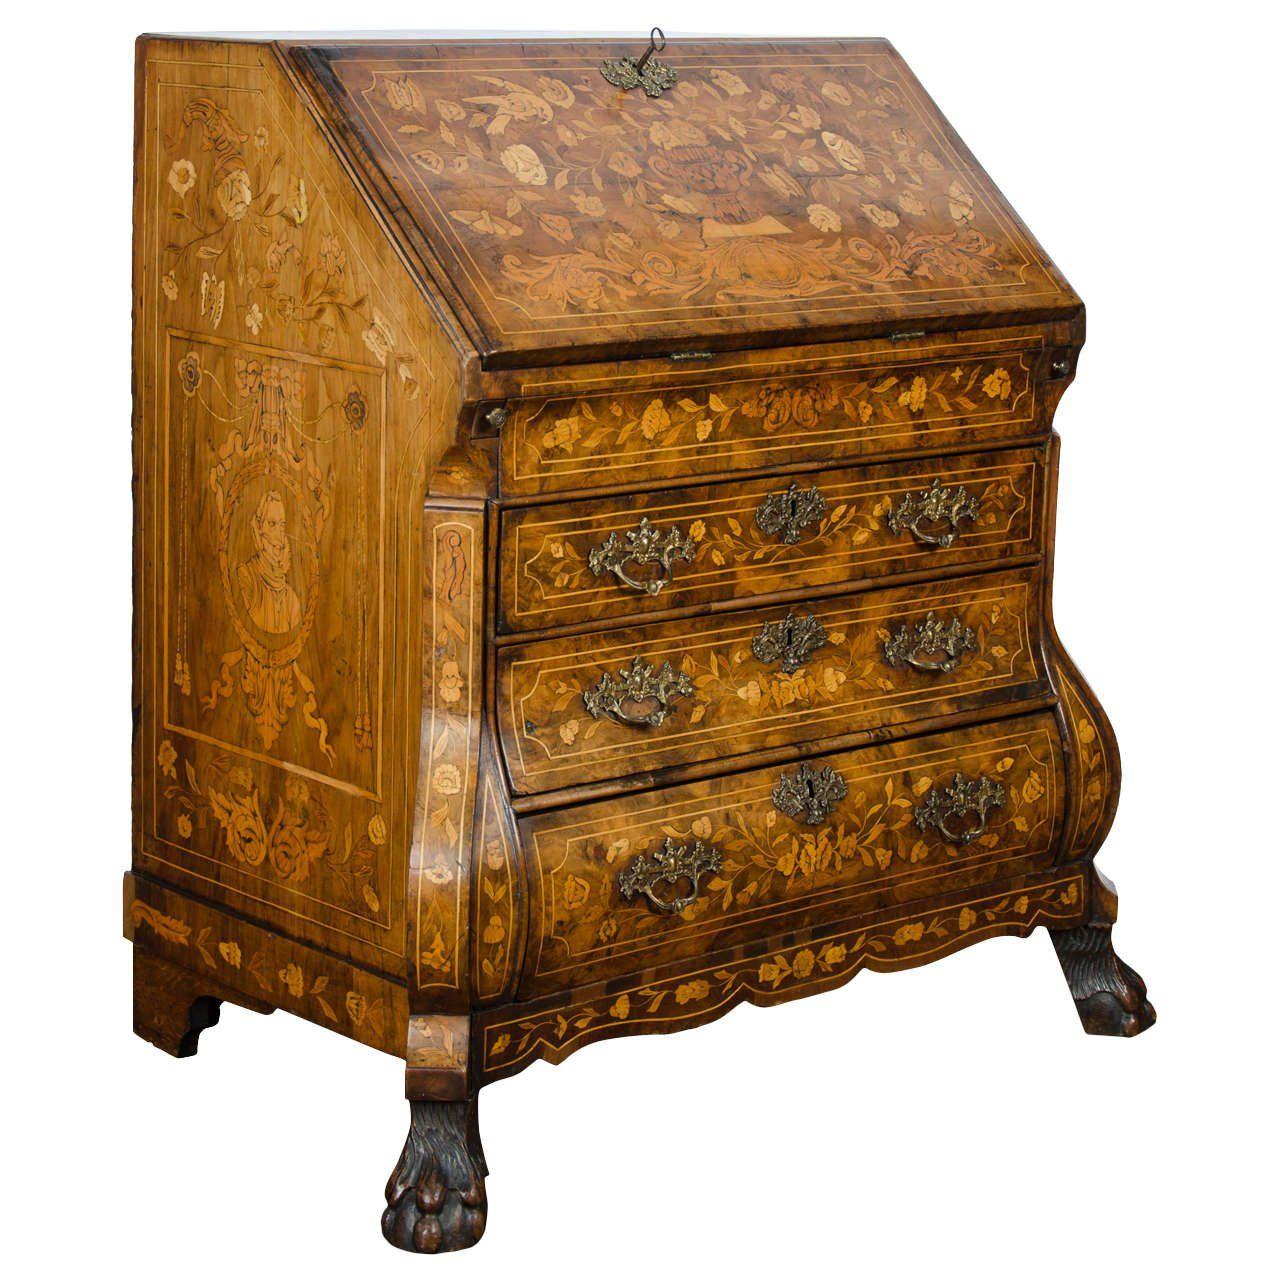 Century Walnut Dutch Marquetry Bureau at Patrick Moorhead Antiques  in  Brighton  United Kingdom. 18th Century Walnut Dutch Marquetry Bureau   furniture